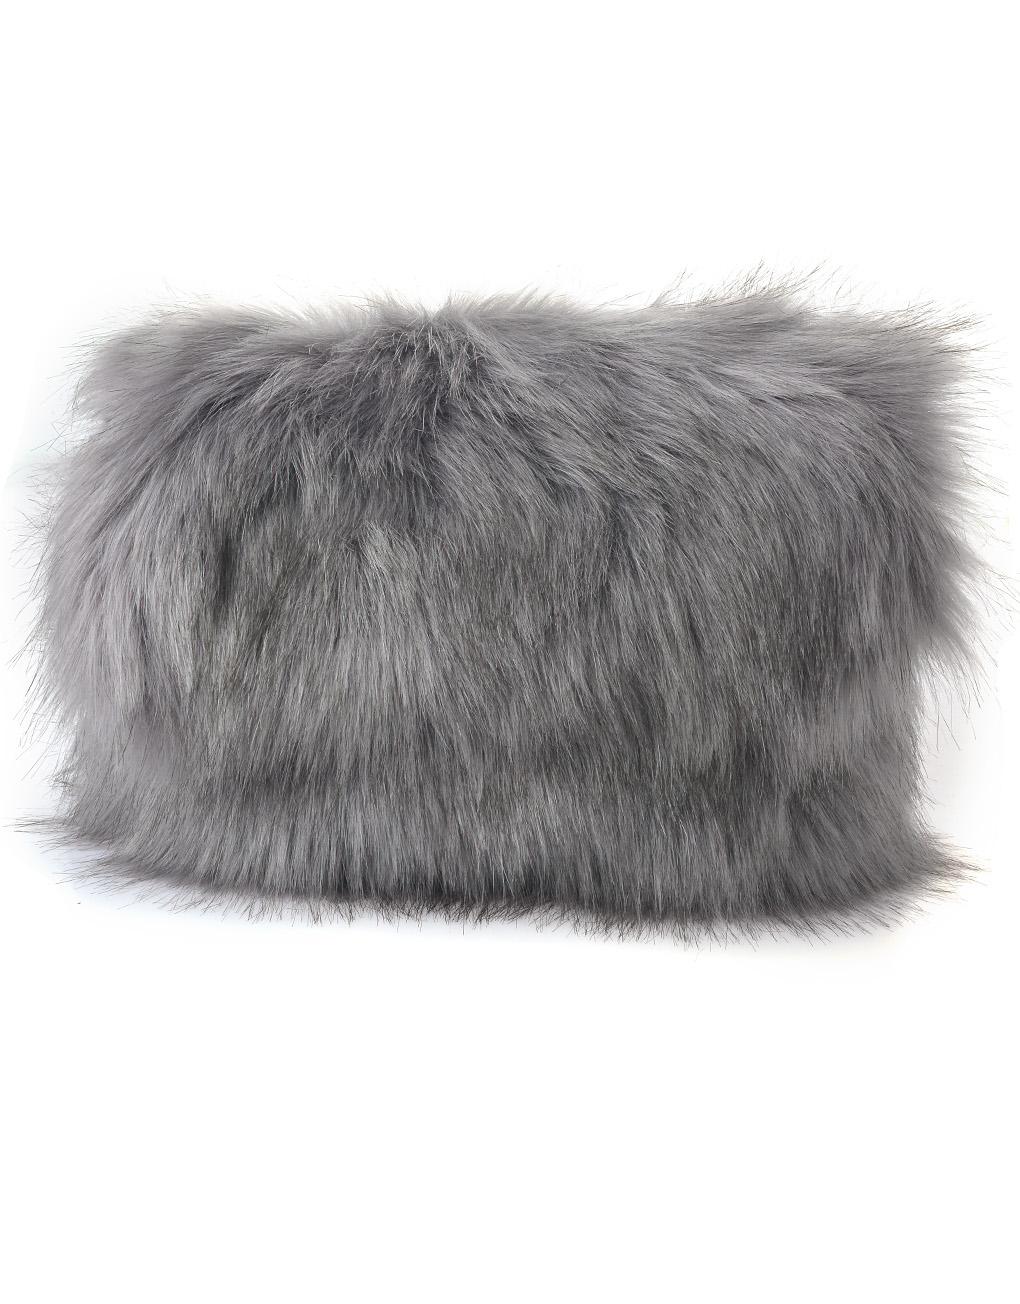 d762b211f8f9 Plain Fur Folded Clutch Bag. DSC 2261. DSC 2256. DSC 2248. DSC 2197.  DSC 2238. DSC 2240. DSC 2242. DSC 2244. ‹ Back to Bags